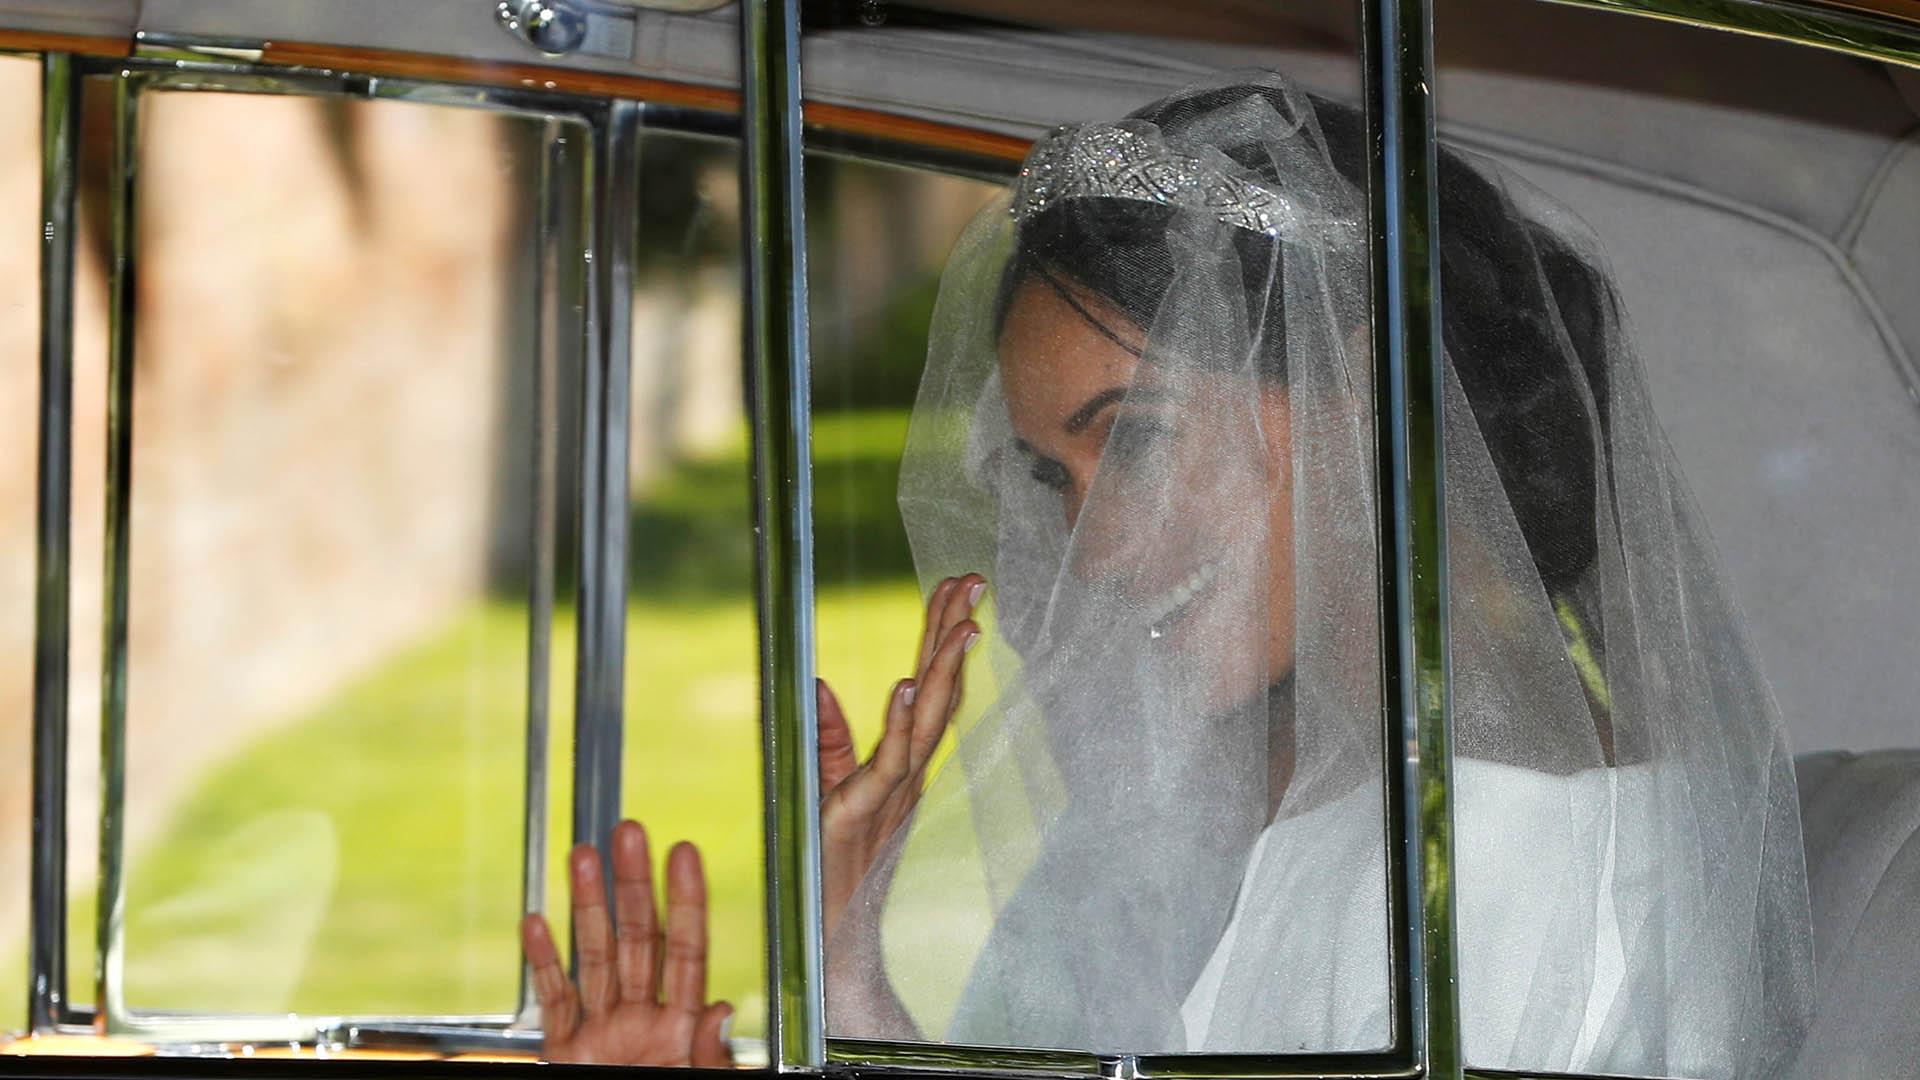 Meghan Markle vistió de blanco, aunque los expertos en protocolo habían discutido sobre la conveniencia de que usara ese color, ya que para ella era su segundo matrimonio (Reuters)